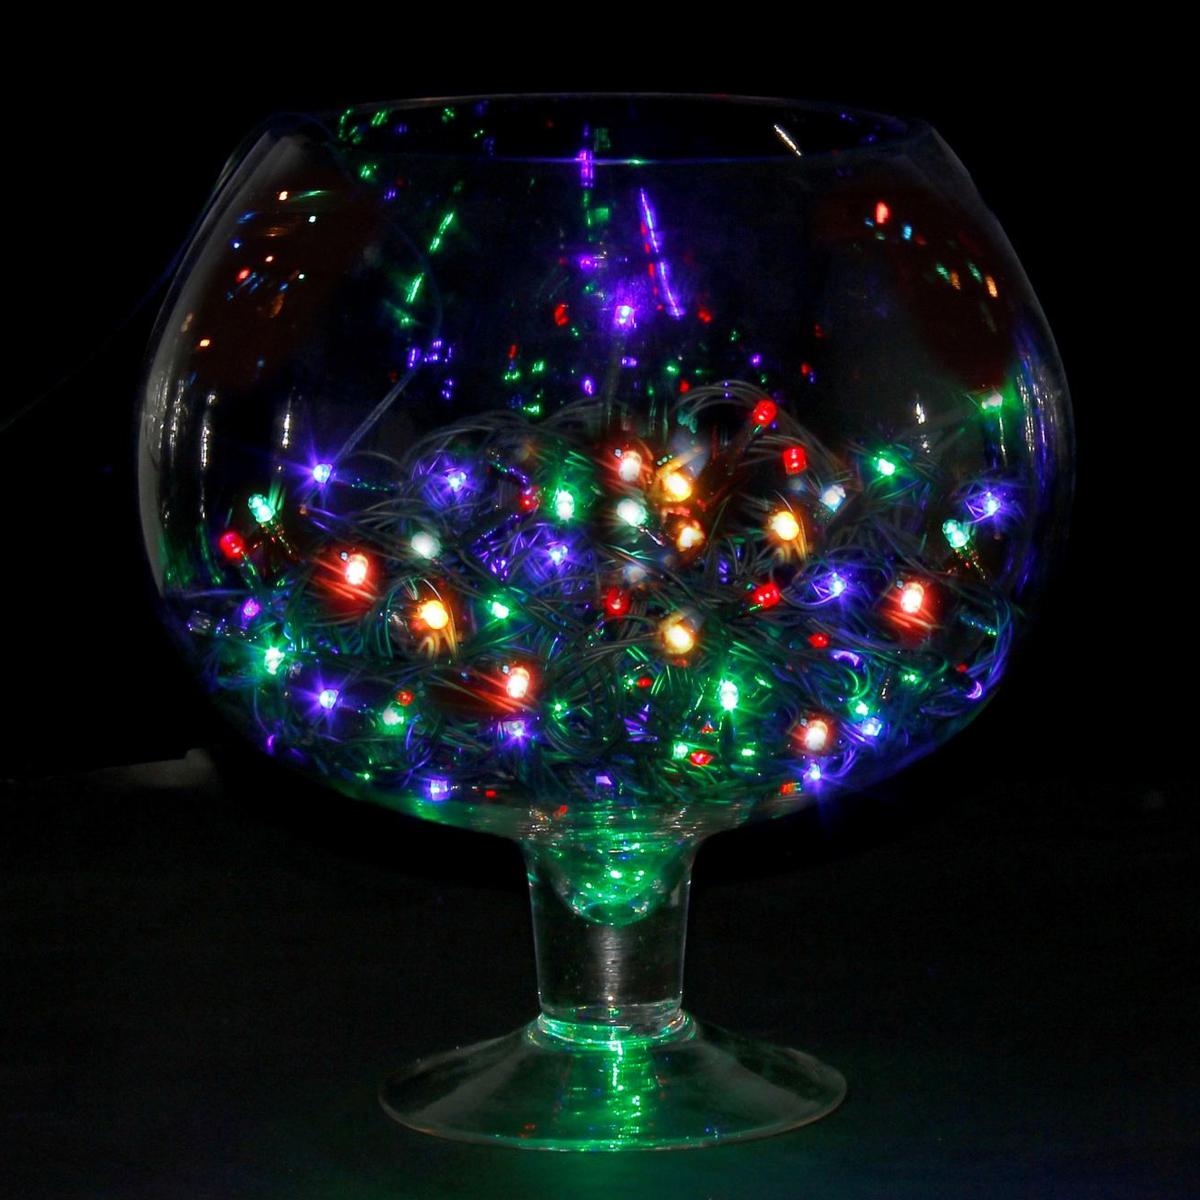 Гирлянда светодиодная Luazon Метраж, цвет: мультиколор, 150 ламп, 8 режимов, 220 V, длина 13 м. 705991705991Светодиодные гирлянды и ленты — это отличный вариант для новогоднего оформления интерьера или фасада. С их помощью помещение любого размера можно превратить в праздничный зал, а внешние элементы зданий, украшенные ими, мгновенно станут напоминать очертания сказочного дворца. Такие украшения создают ауру предвкушения чуда. Деревья, фасады, витрины, окна и арки будто специально созданы, чтобы вы украсили их светящимися нитями.